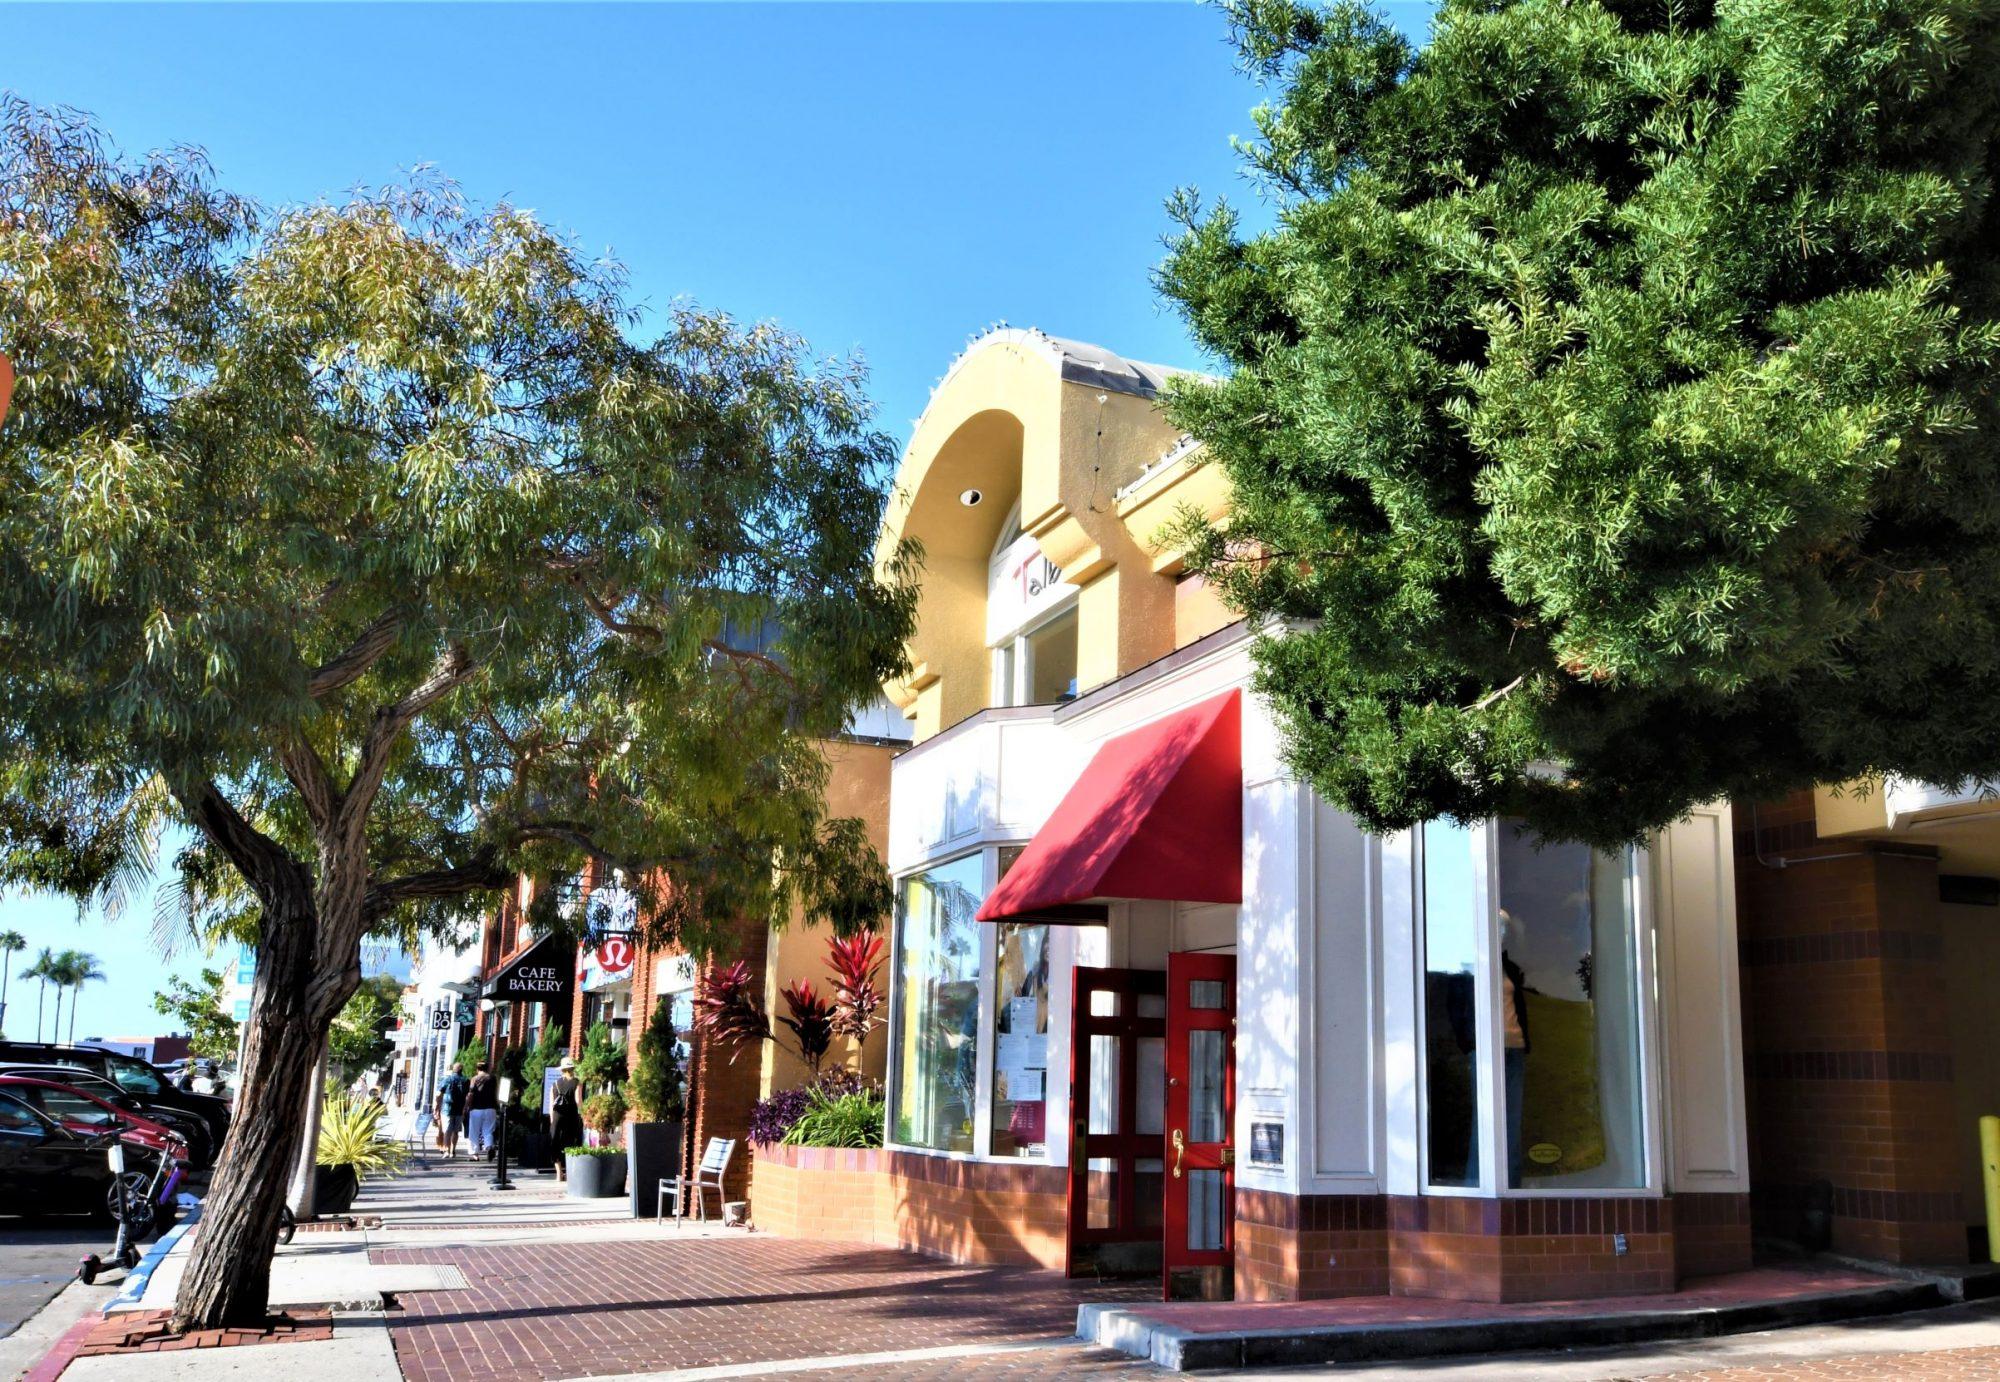 Girard Street, La Jolla, CA